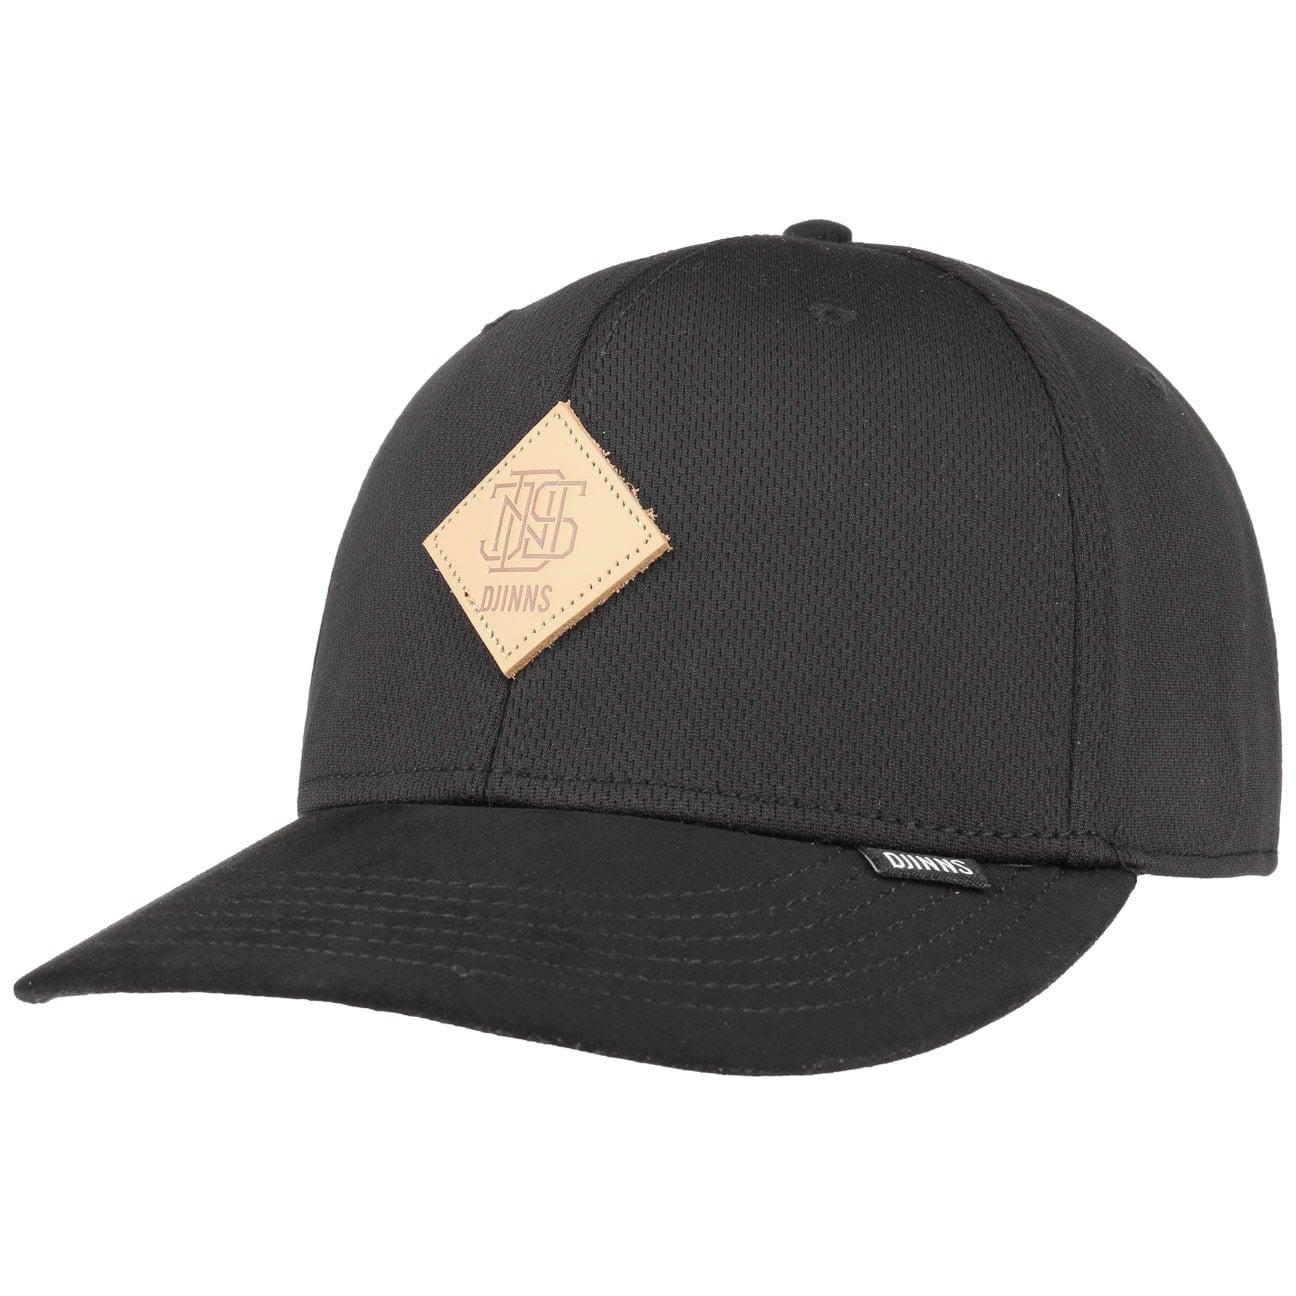 Casquette 6P DryKnit by Djinns  baseball cap